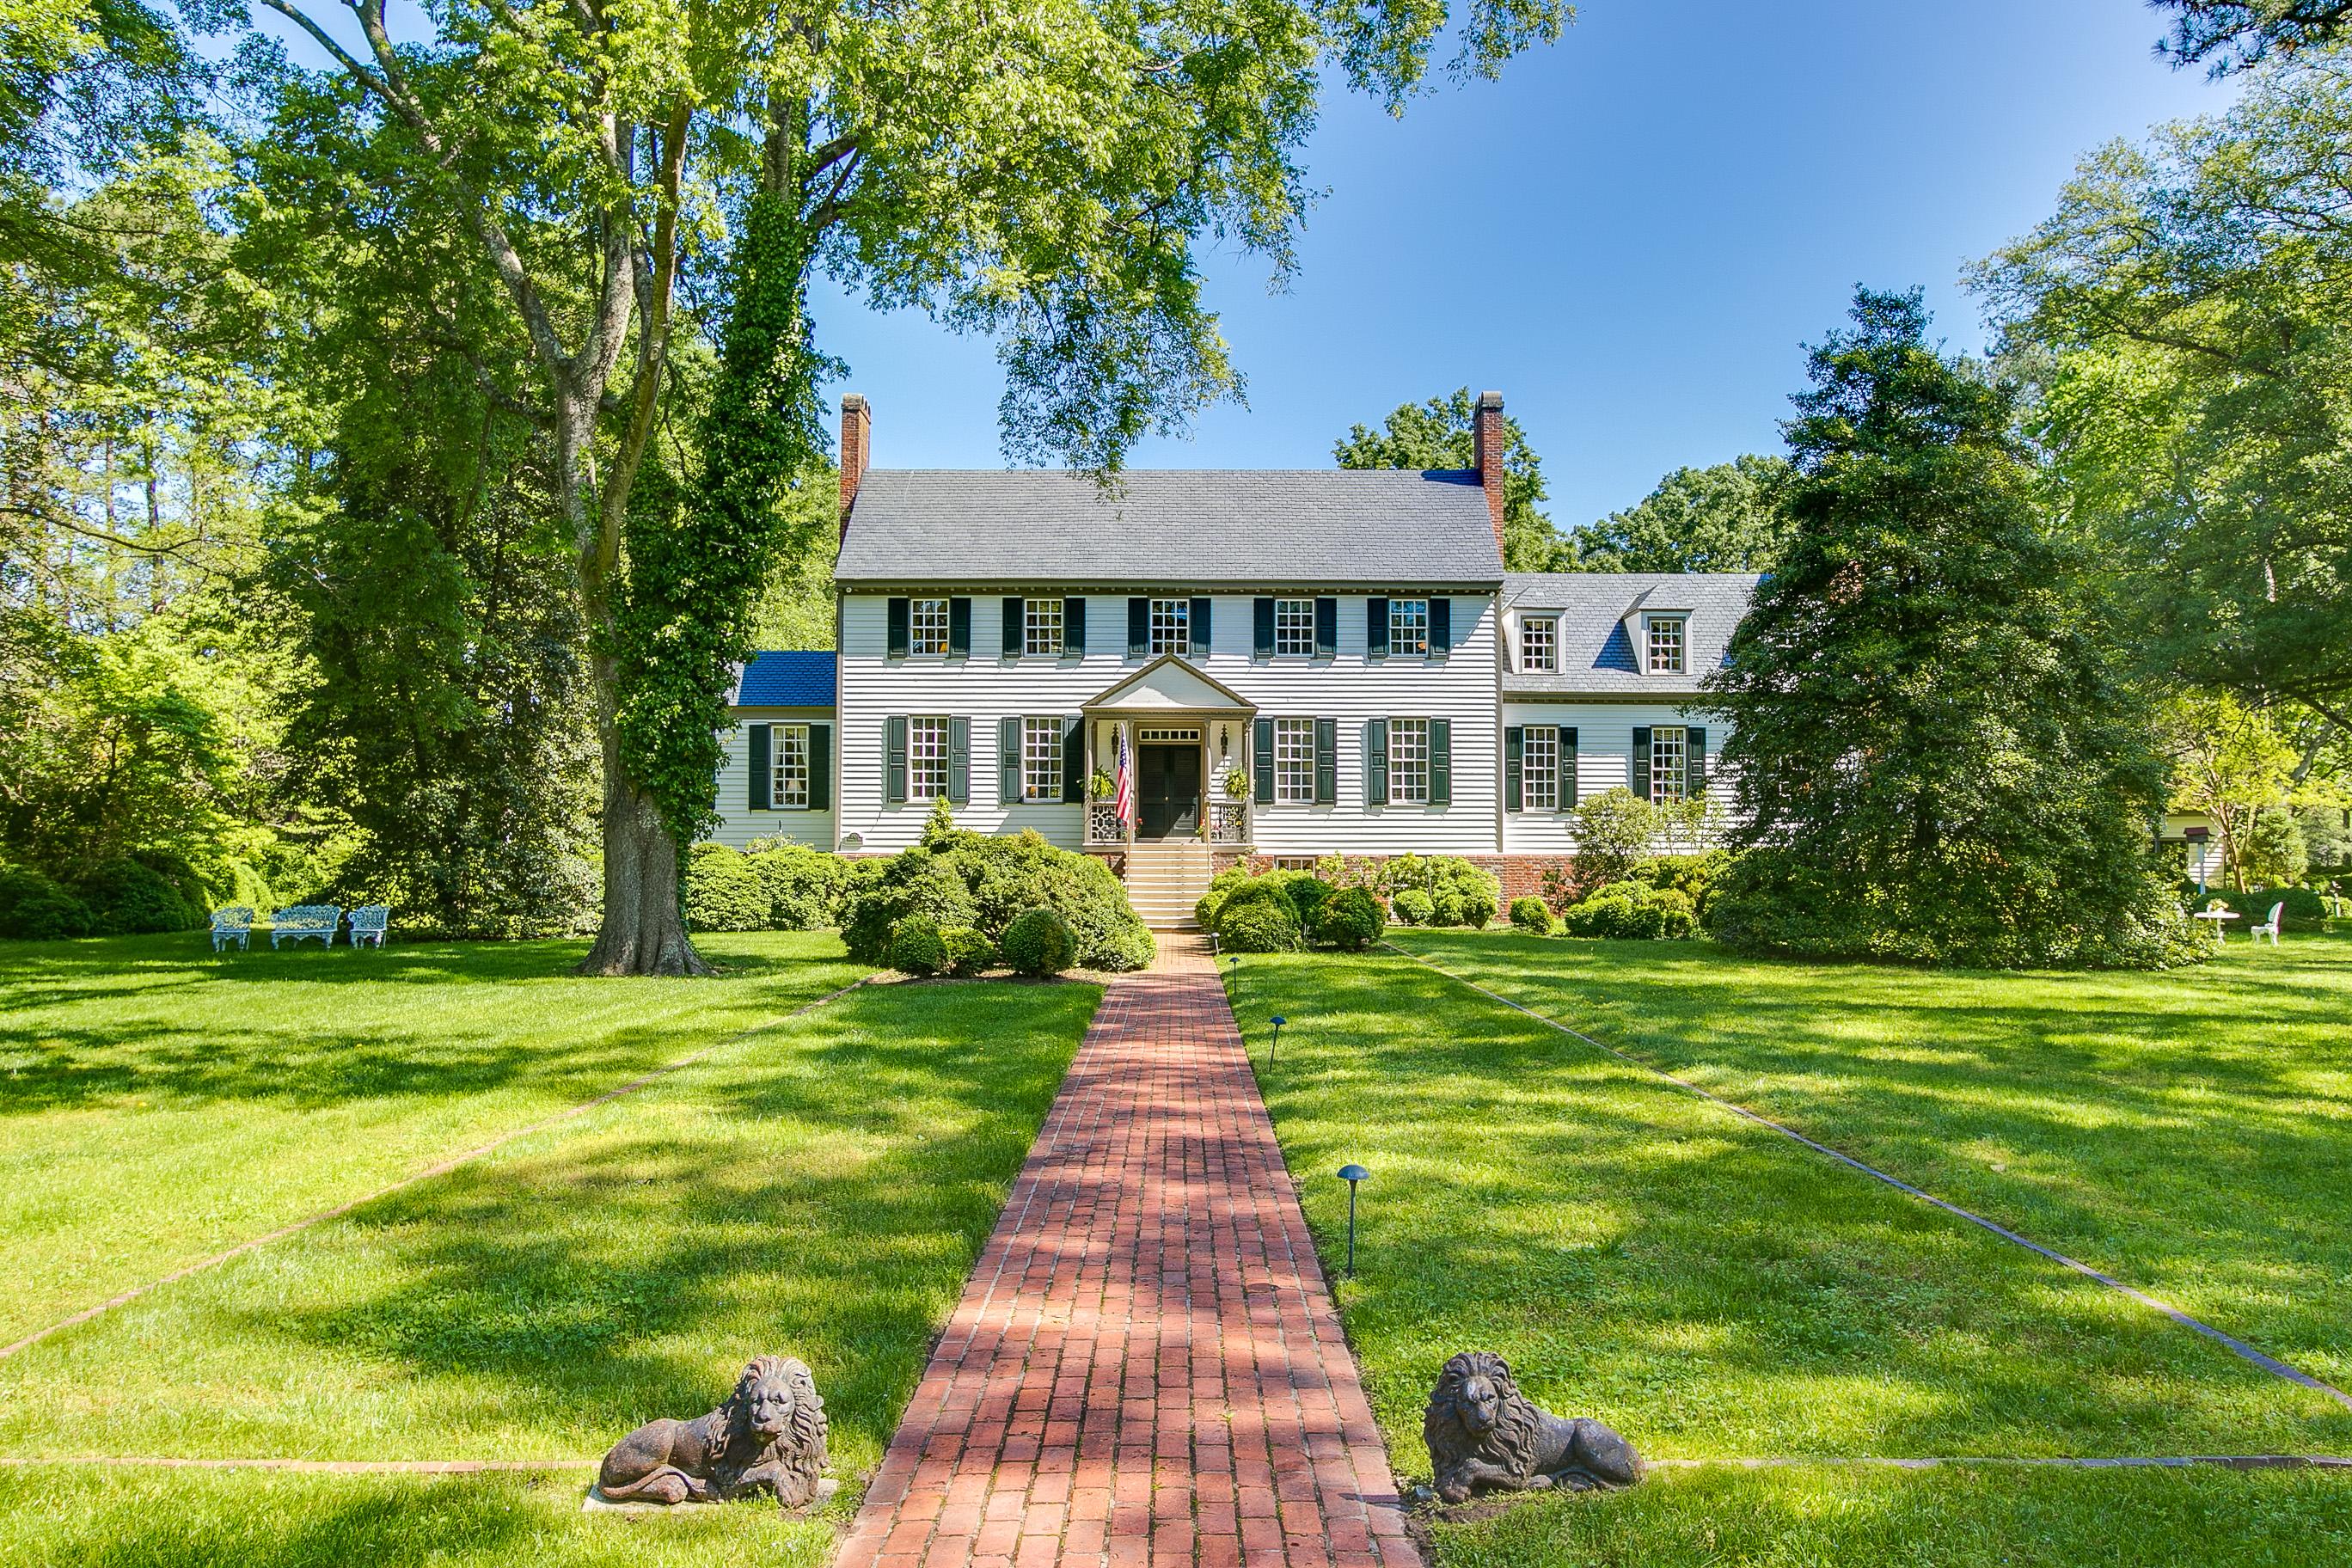 Casa Unifamiliar por un Venta en 70+ acre waterside estate 7971 Glass Road Ordinary, Virginia, 23072 Estados Unidos